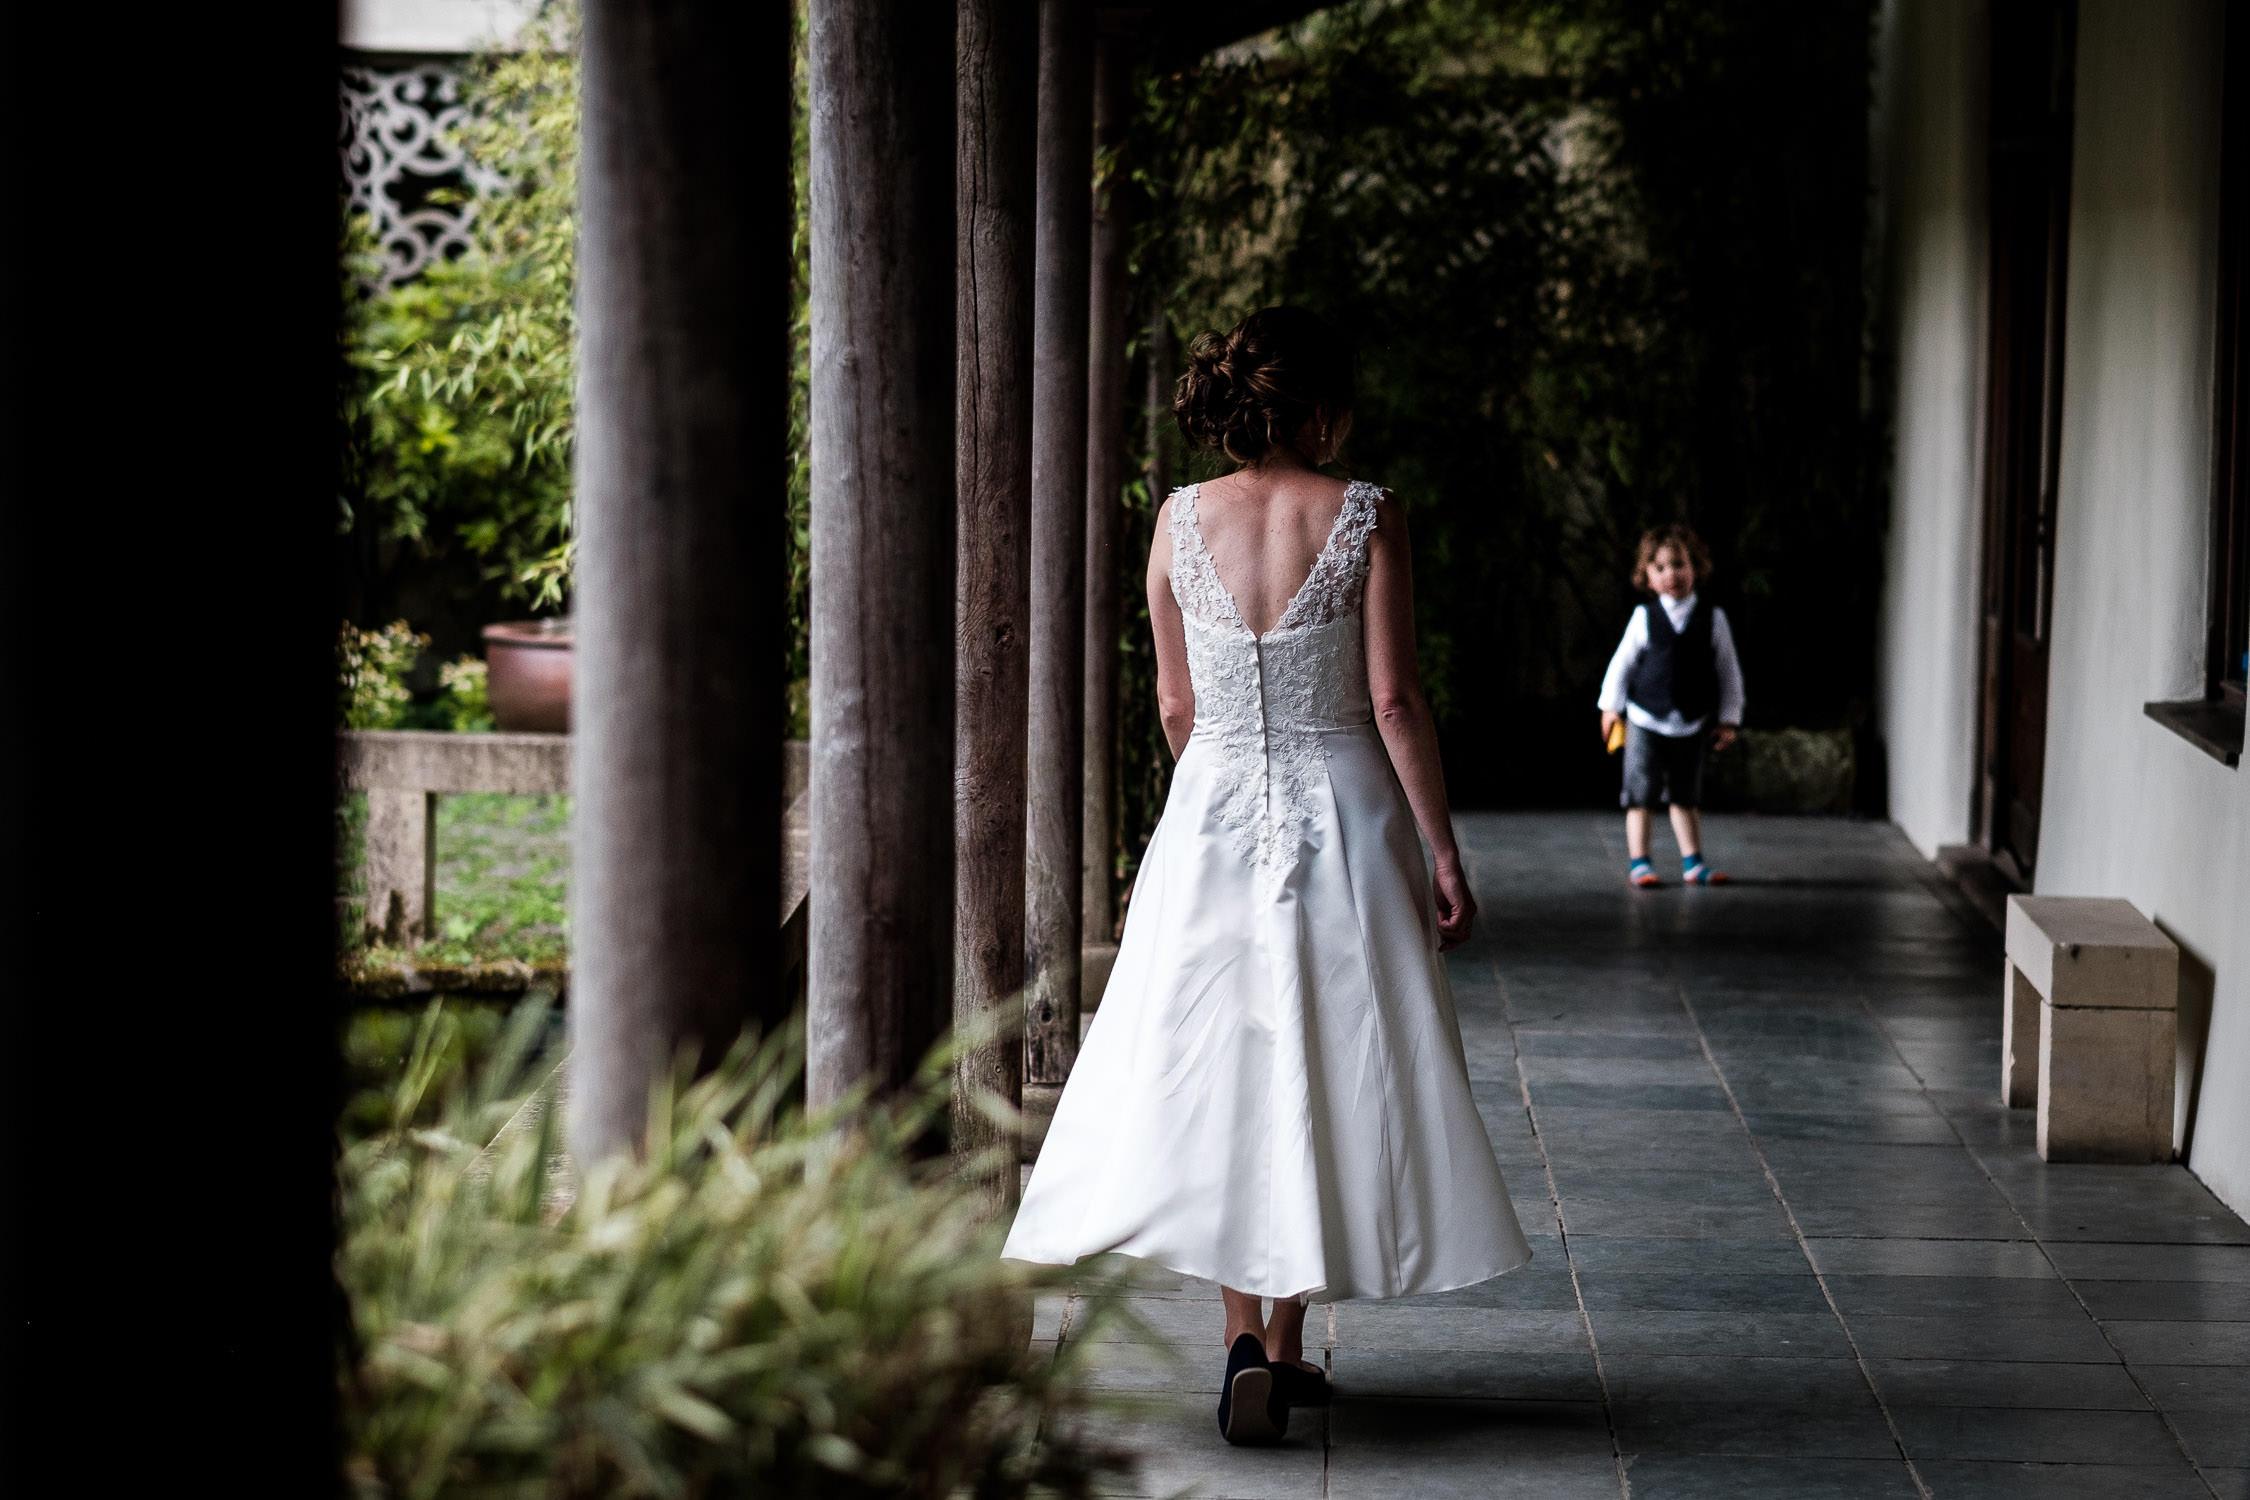 matara centre bride walking towards son